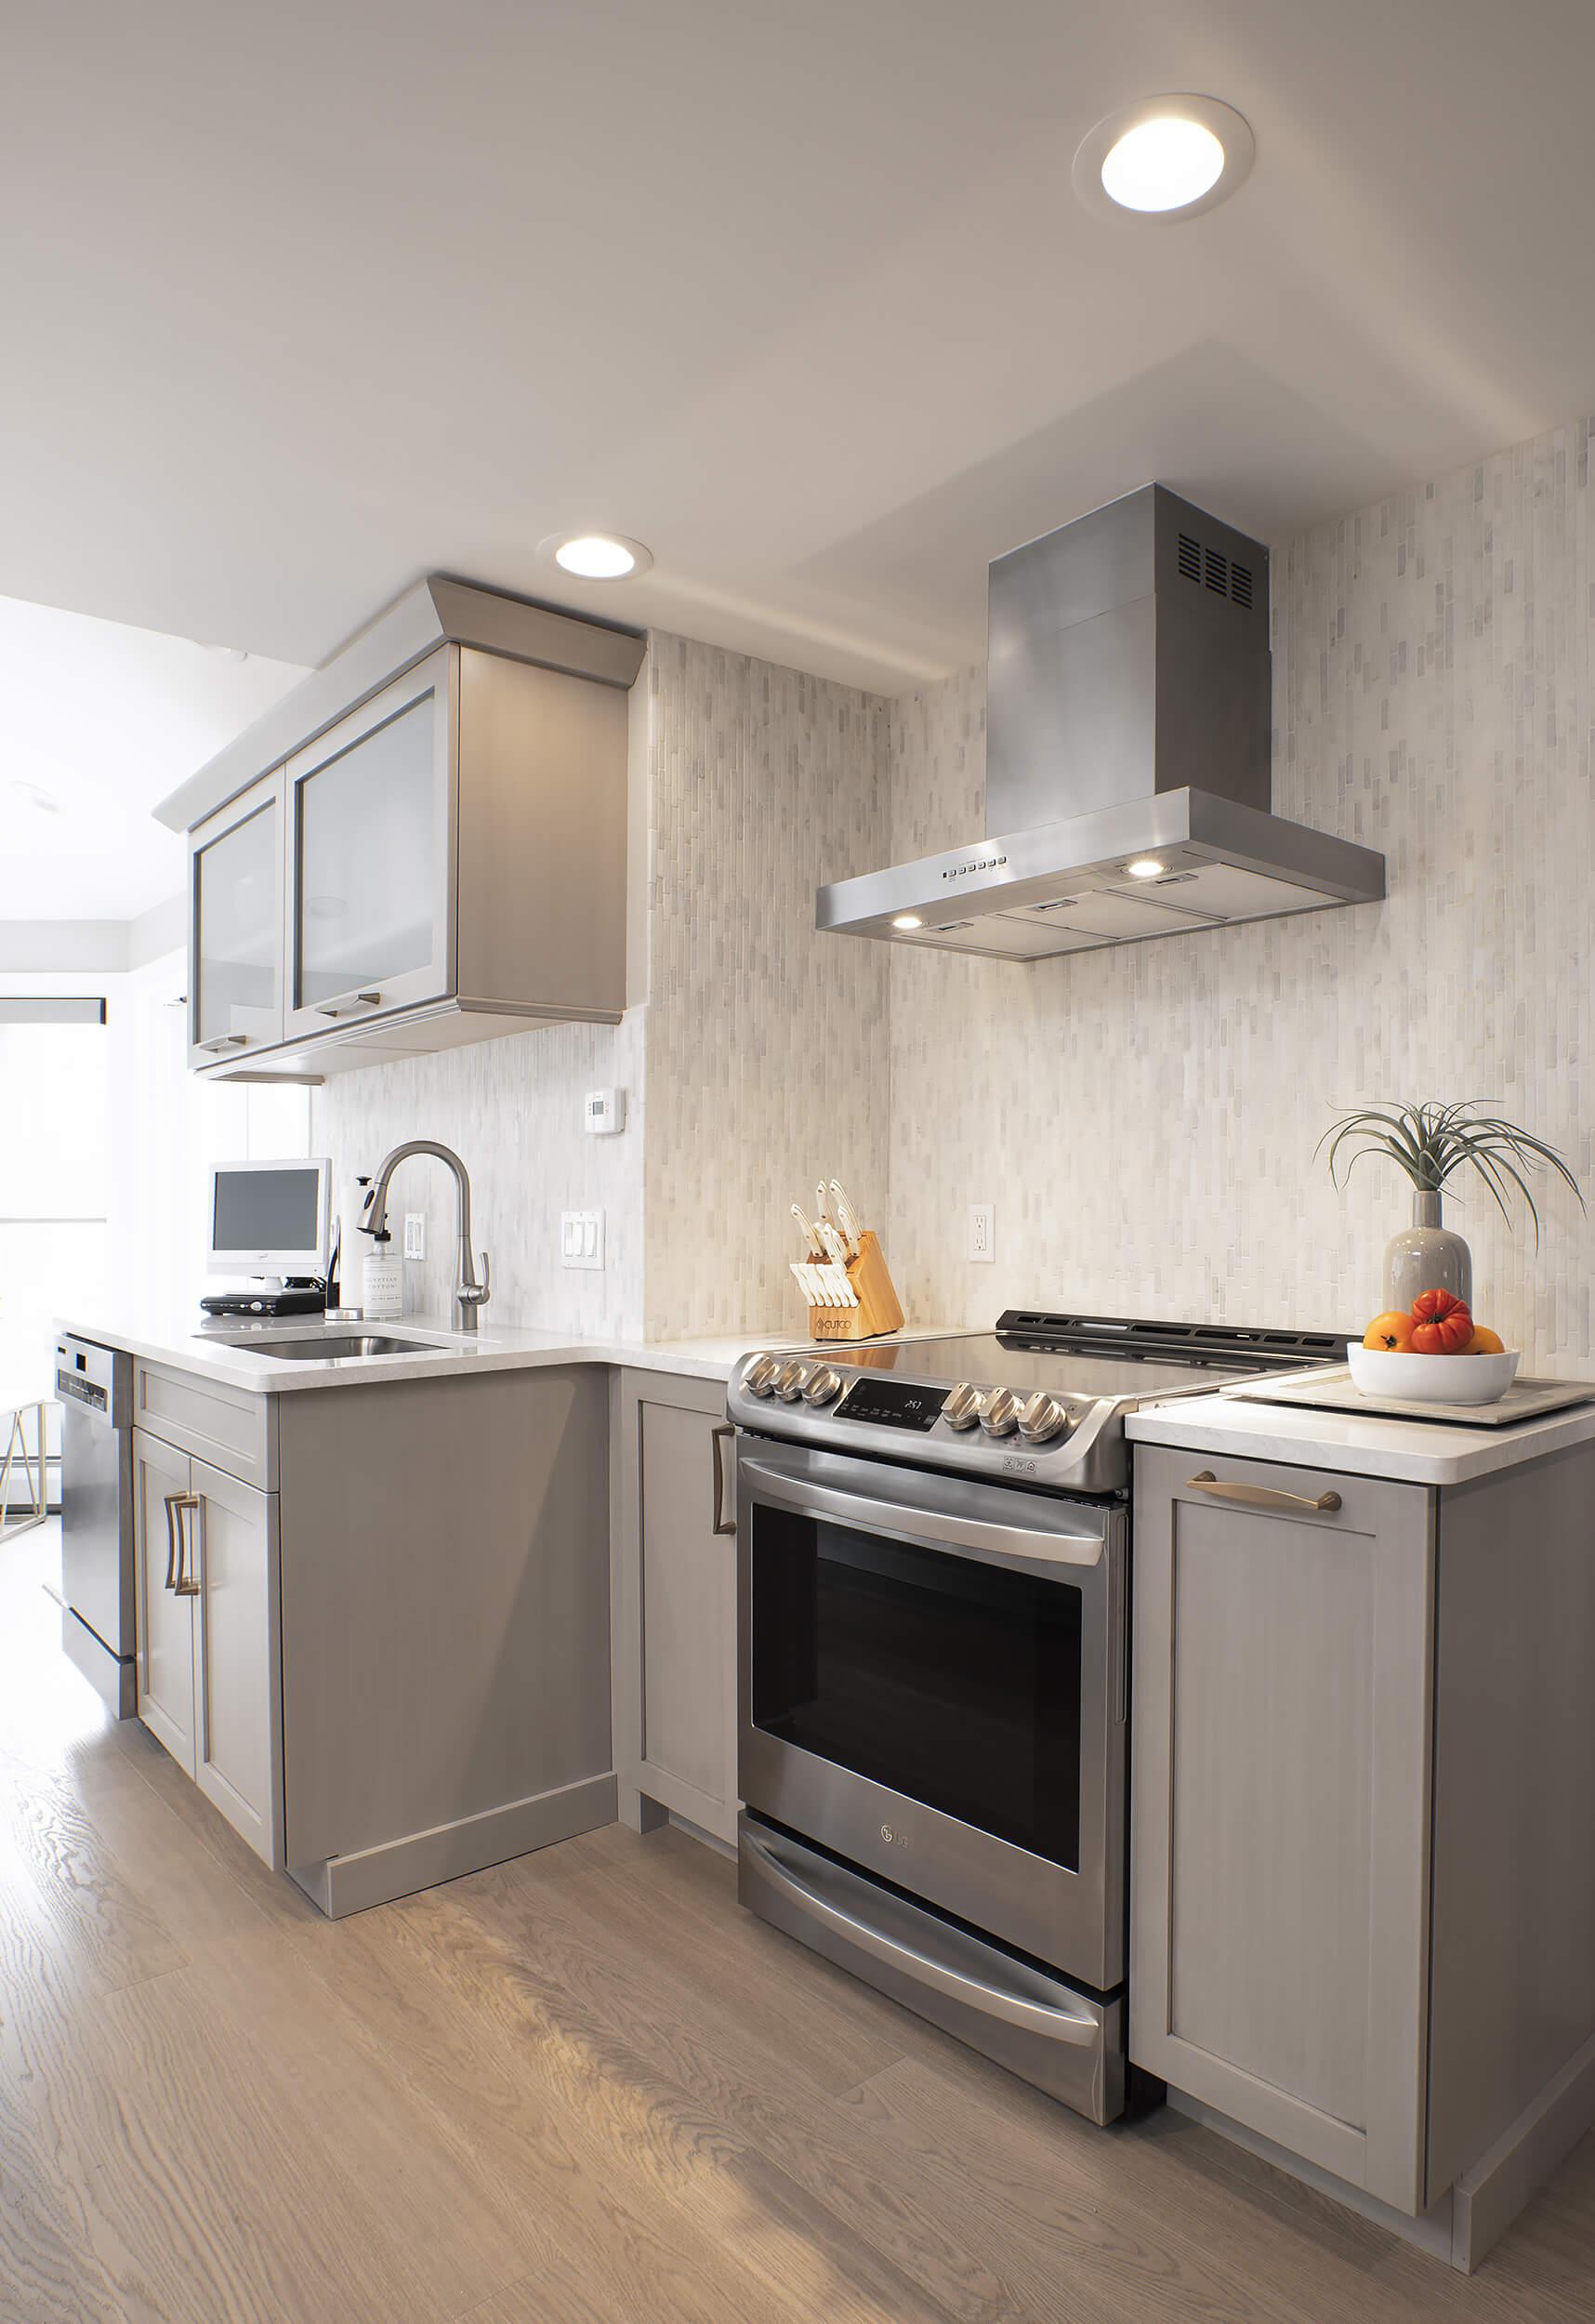 Hamden Kitchen - Cooktop | Viking Kitchen Cabinets